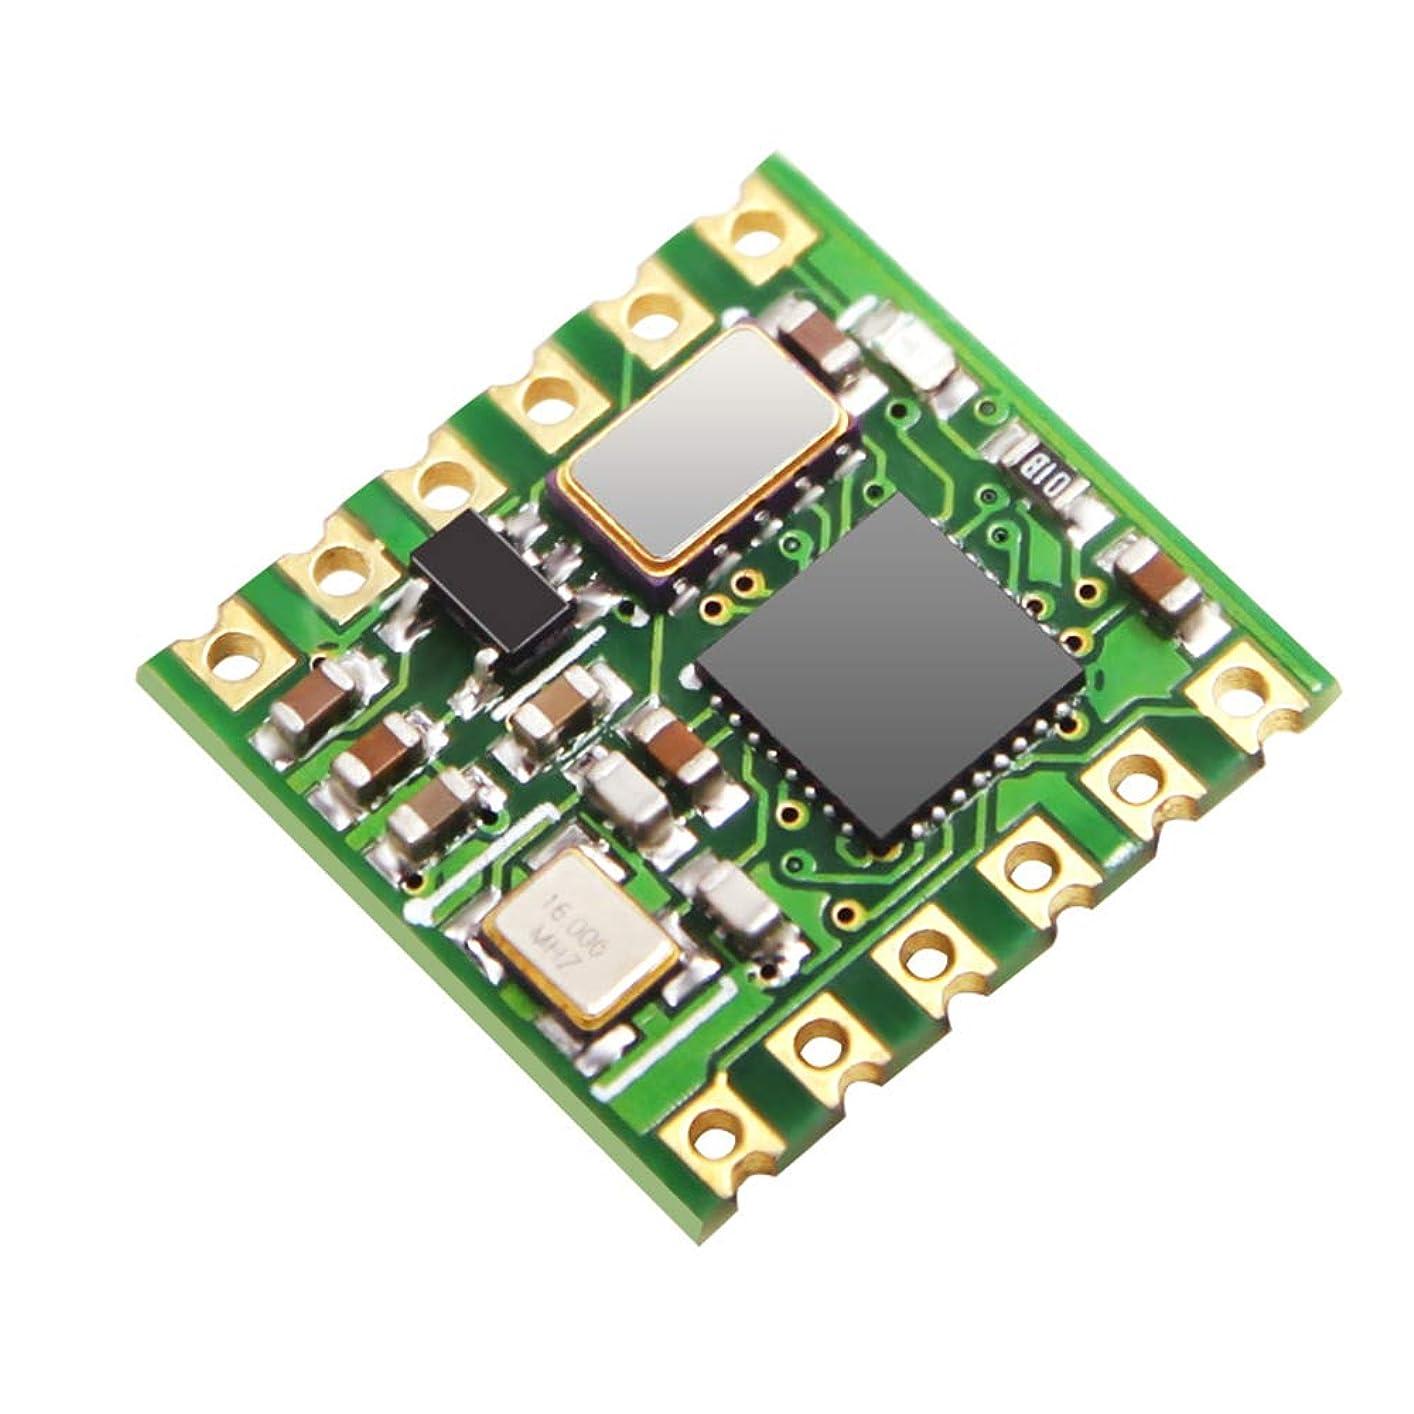 クライマックス追い払う静的WitMotion HWT101高精度Z軸AHRS傾斜計、Z-axis高安定傾斜角度角速度モジュール、ヨー軸角度のみ測定、0.05度精度, クリスタルジャイロスコープ